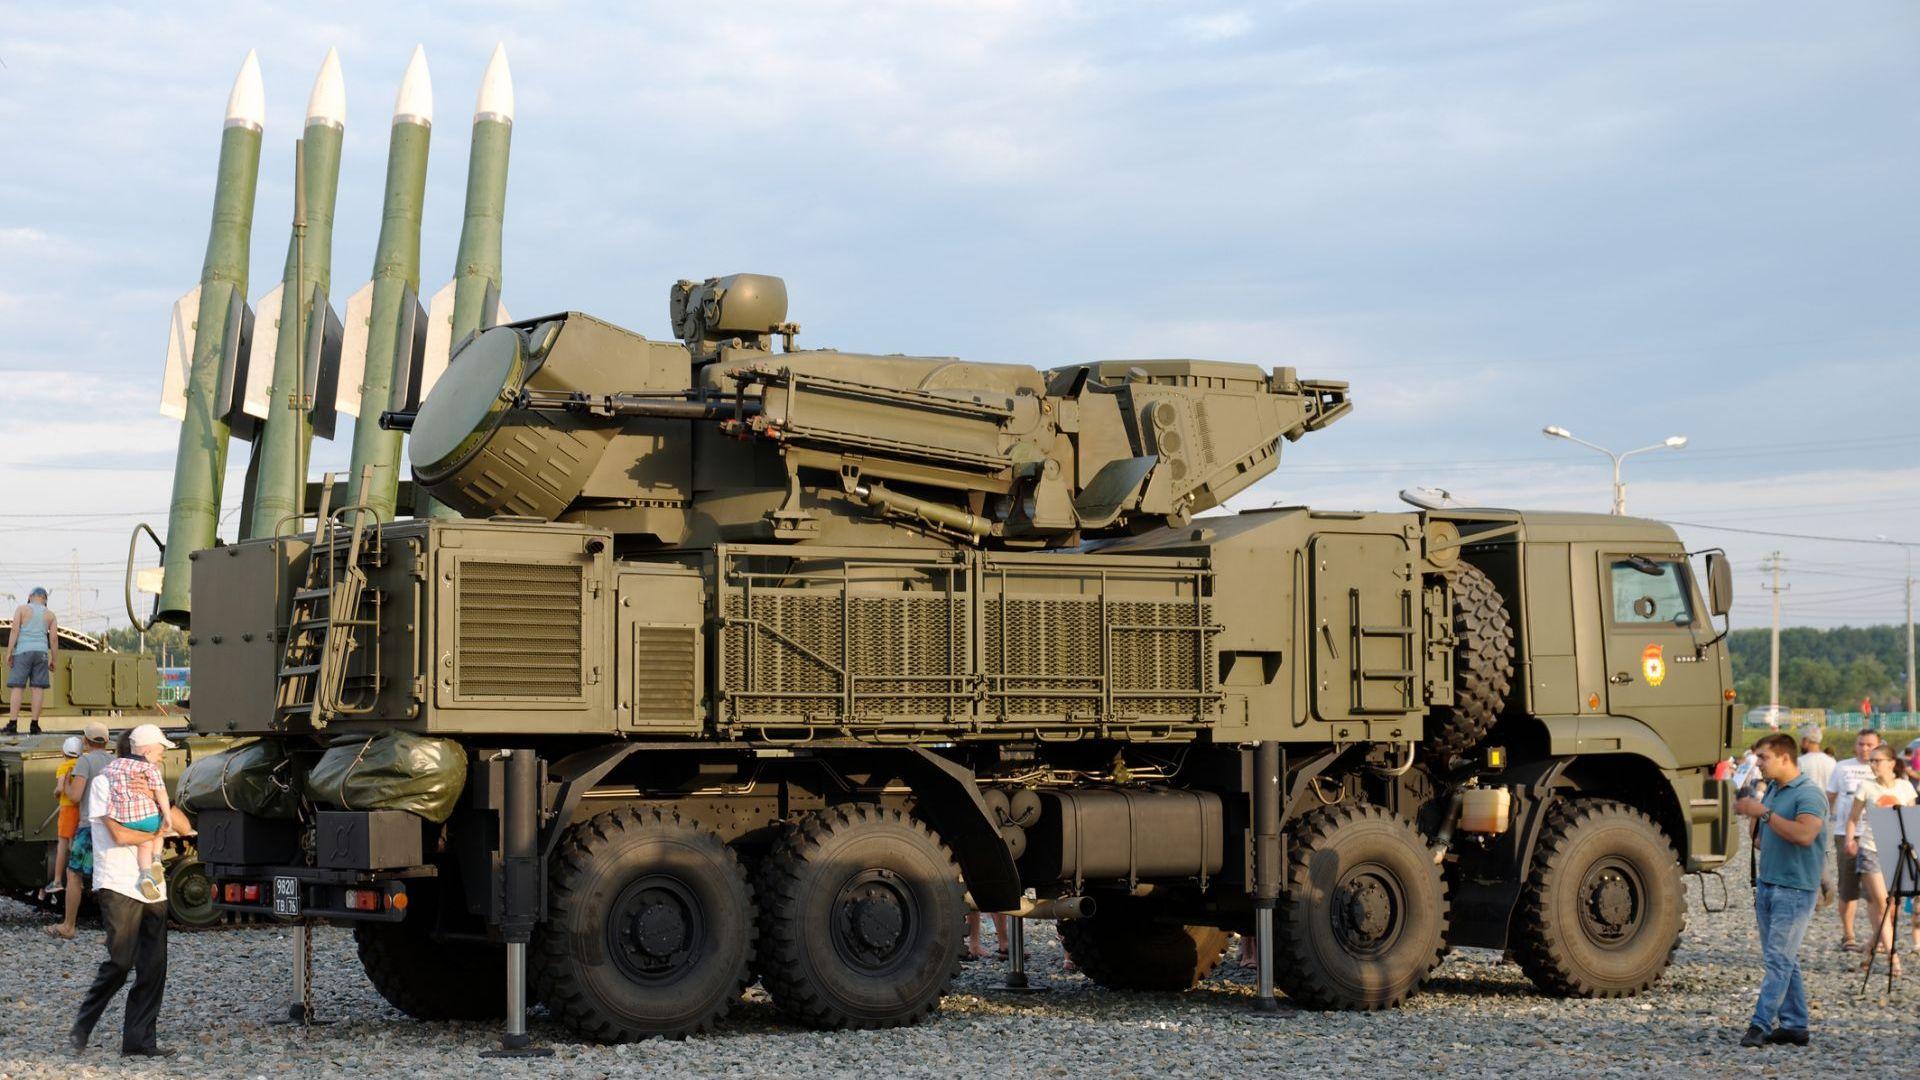 Сърбия се оборудва с руския комплекс Панцир-С